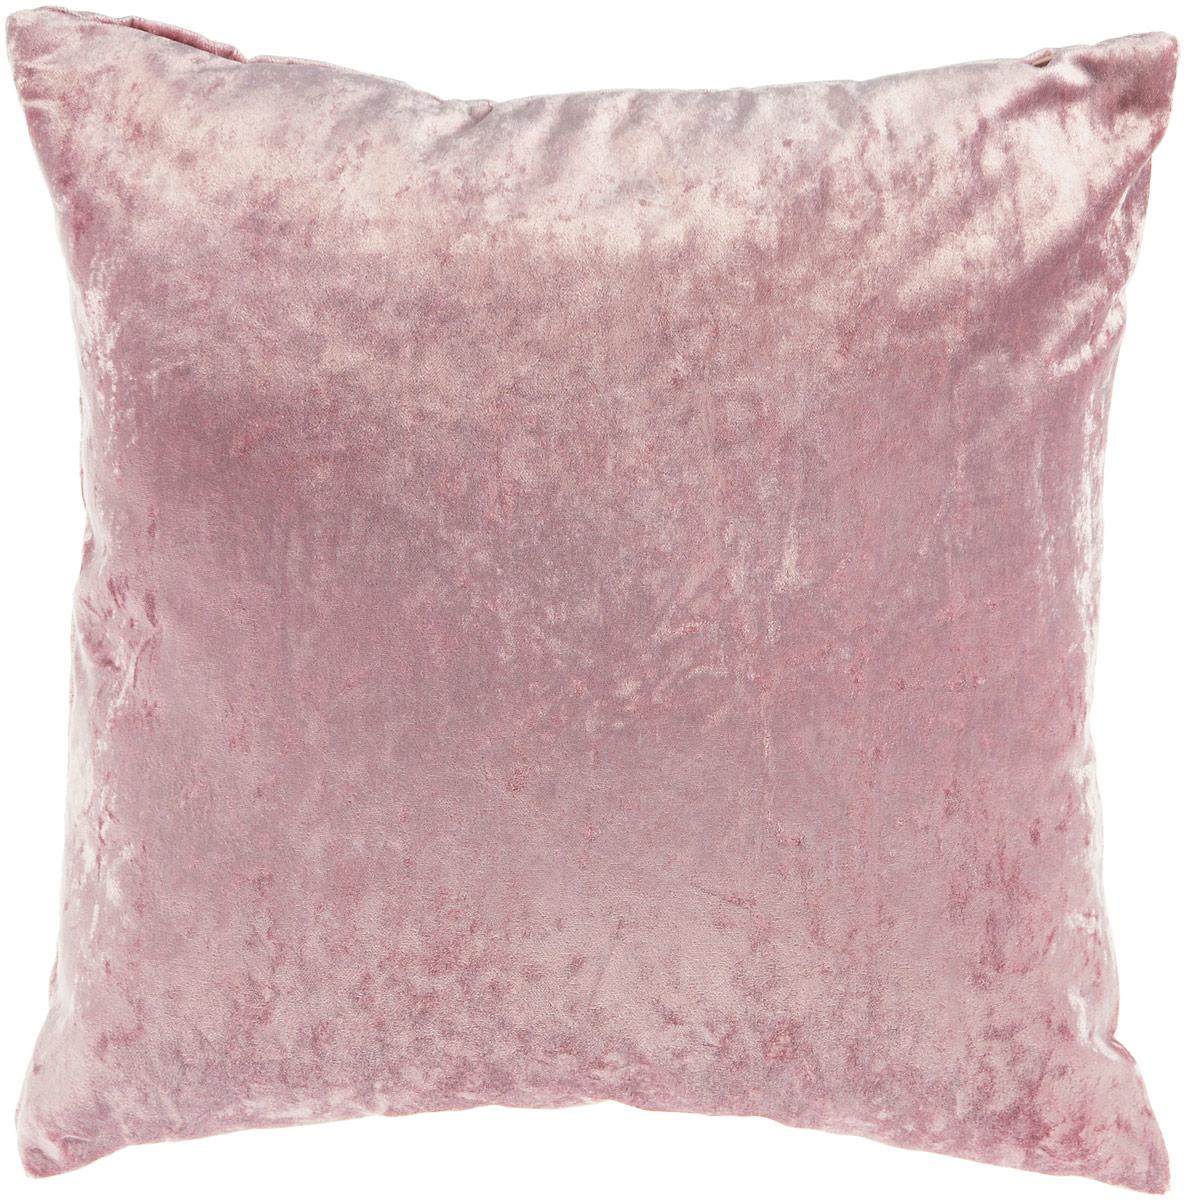 Подушка декоративная KauffOrt Бархат, цвет: розовый, 40 x 40 см3121039670Декоративная подушка Бархат прекрасно дополнит интерьер спальни или гостиной. Бархатистый на ощупь чехол подушки выполнен из 49% вискозы, 42% хлопка и 9% полиэстера. Внутри находится мягкий наполнитель. Чехол легко снимается благодаря потайной молнии. Красивая подушка создаст атмосферу уюта и комфорта в спальне и станет прекрасным элементом декора.